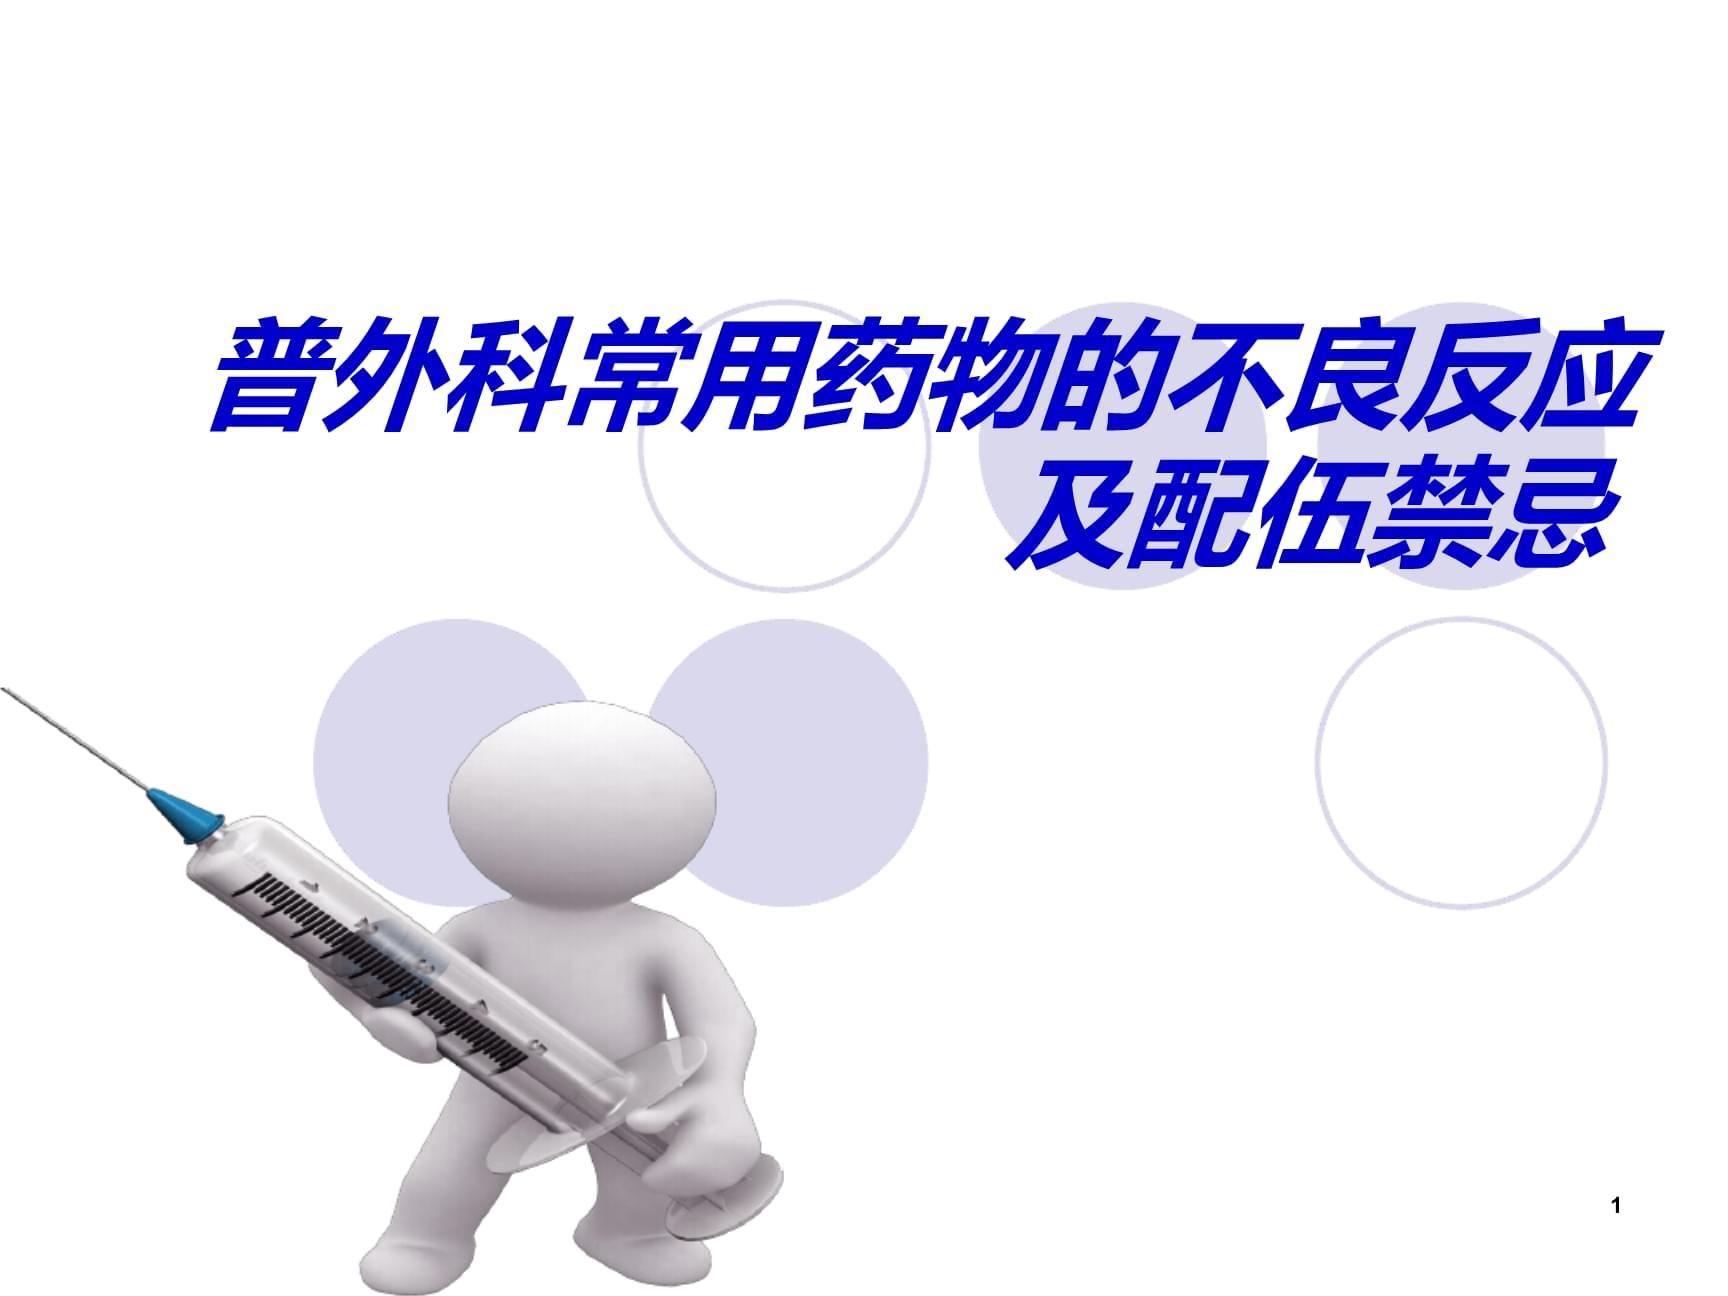 普外科常用藥物的不良反應及配伍禁忌參考幻燈片.ppt